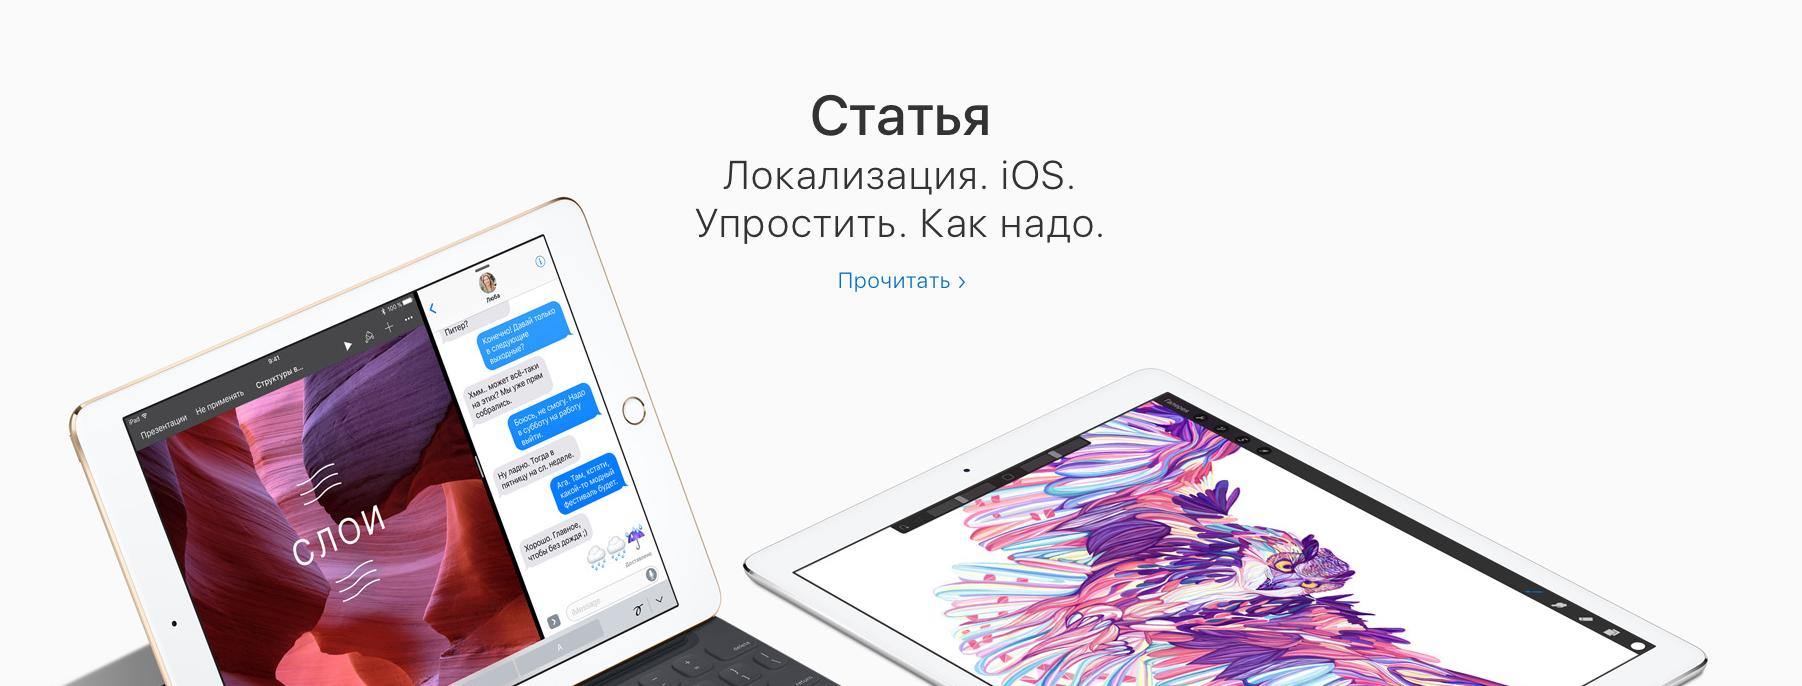 Упрощение локализации в iOS - 1